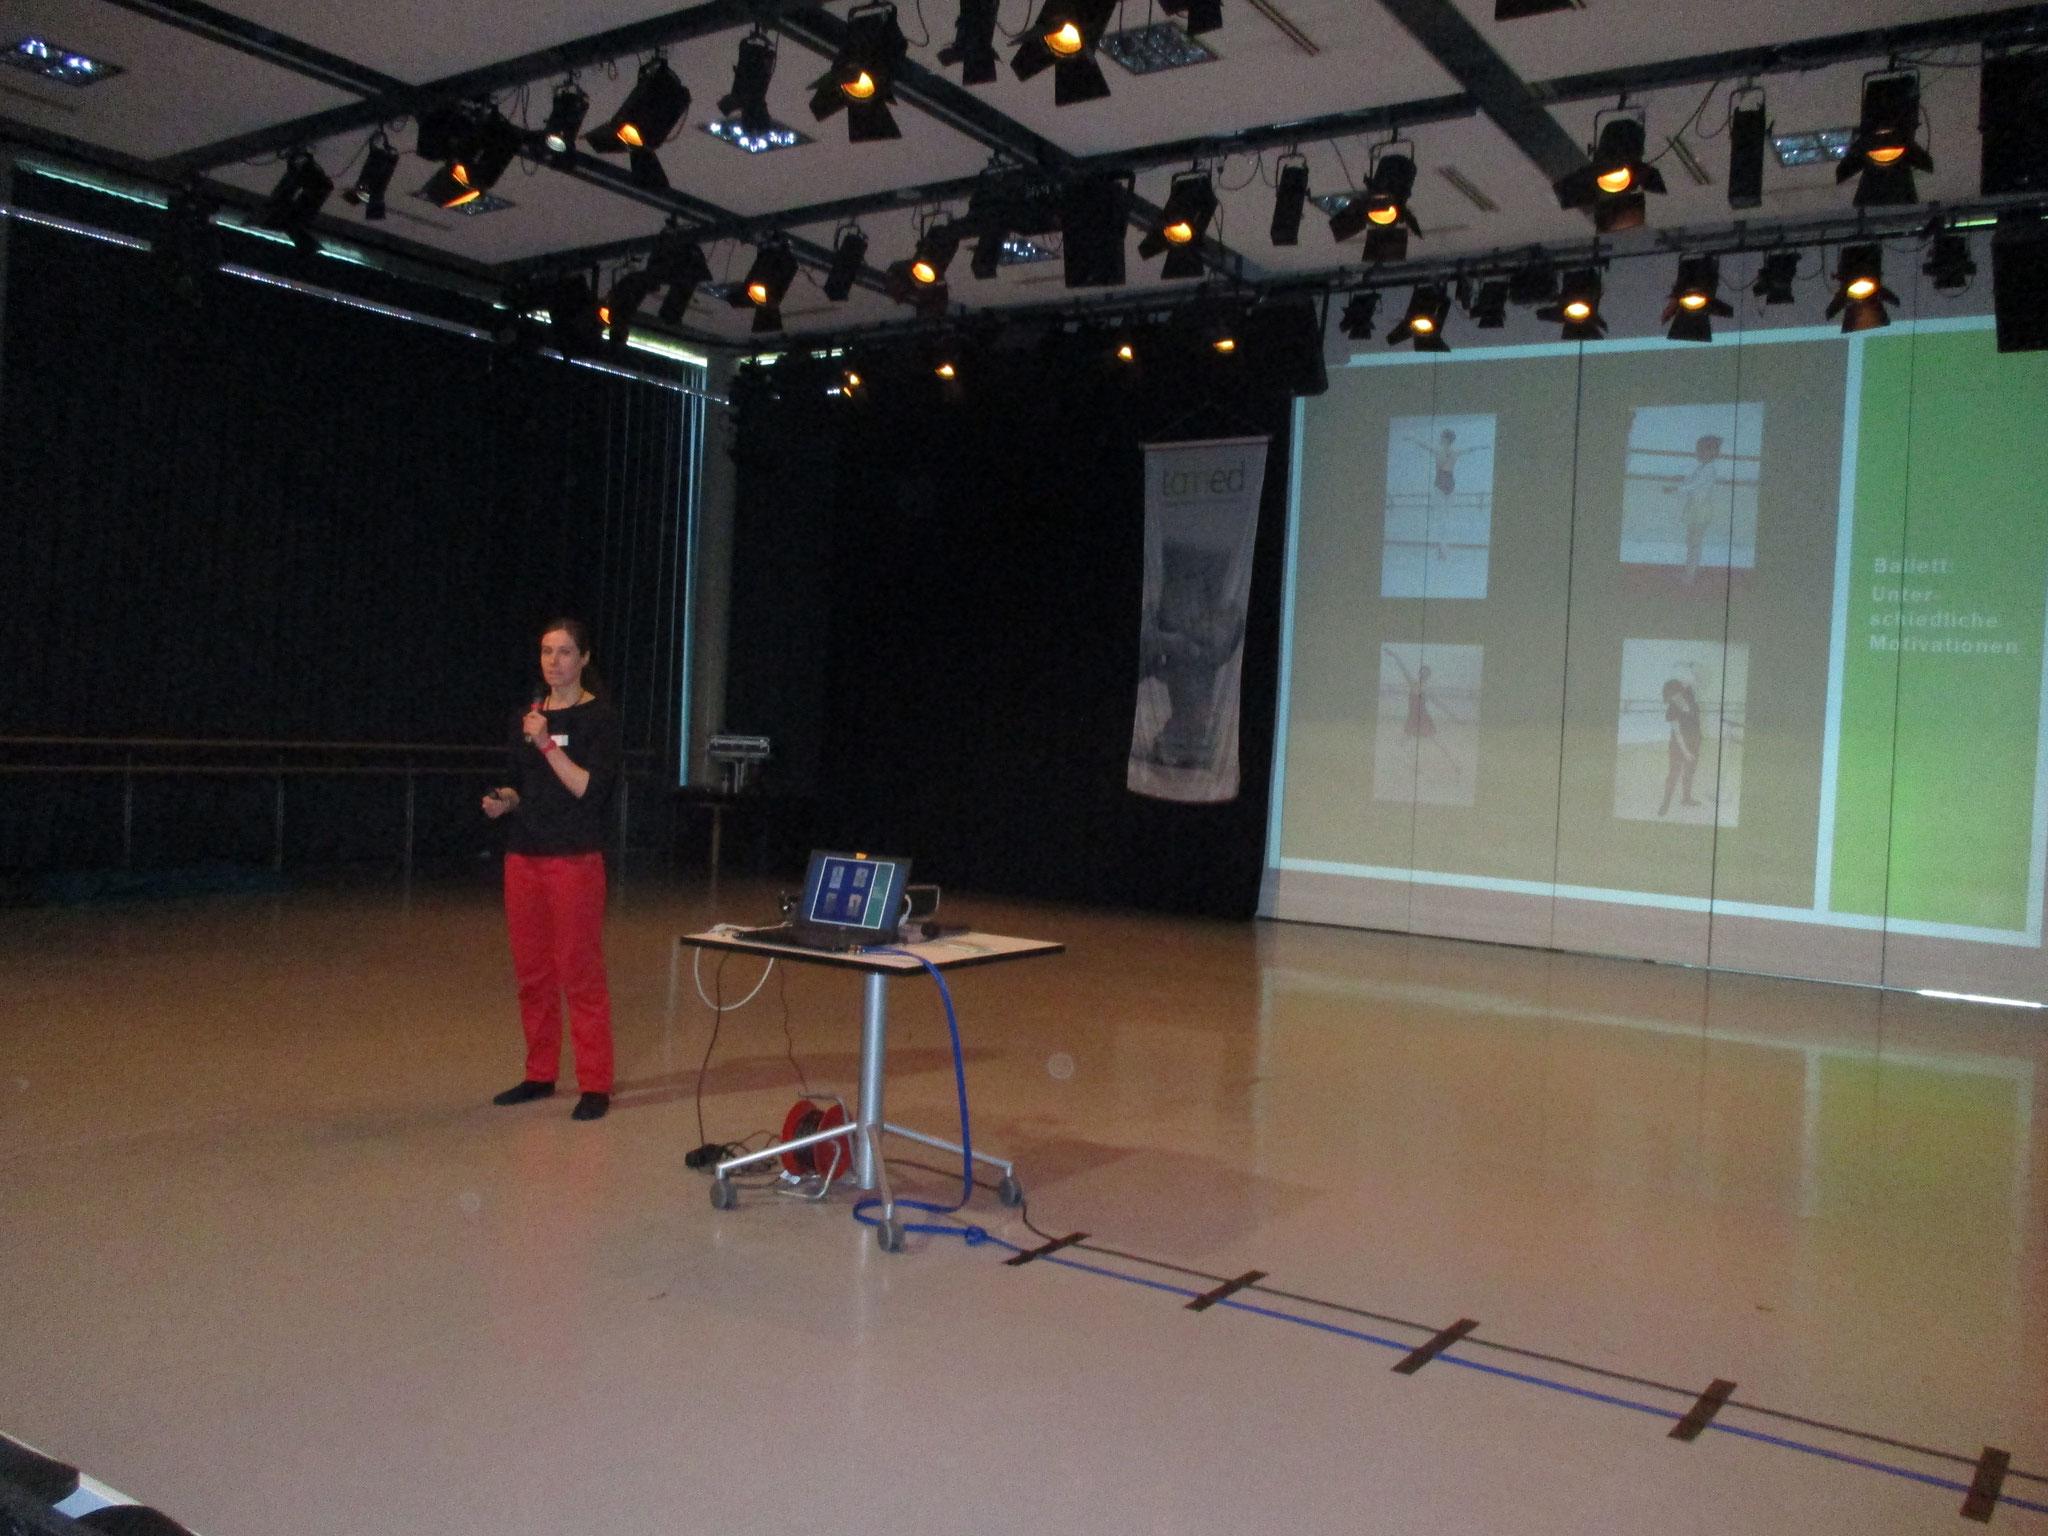 Mein Vortrag im Grünen Saal